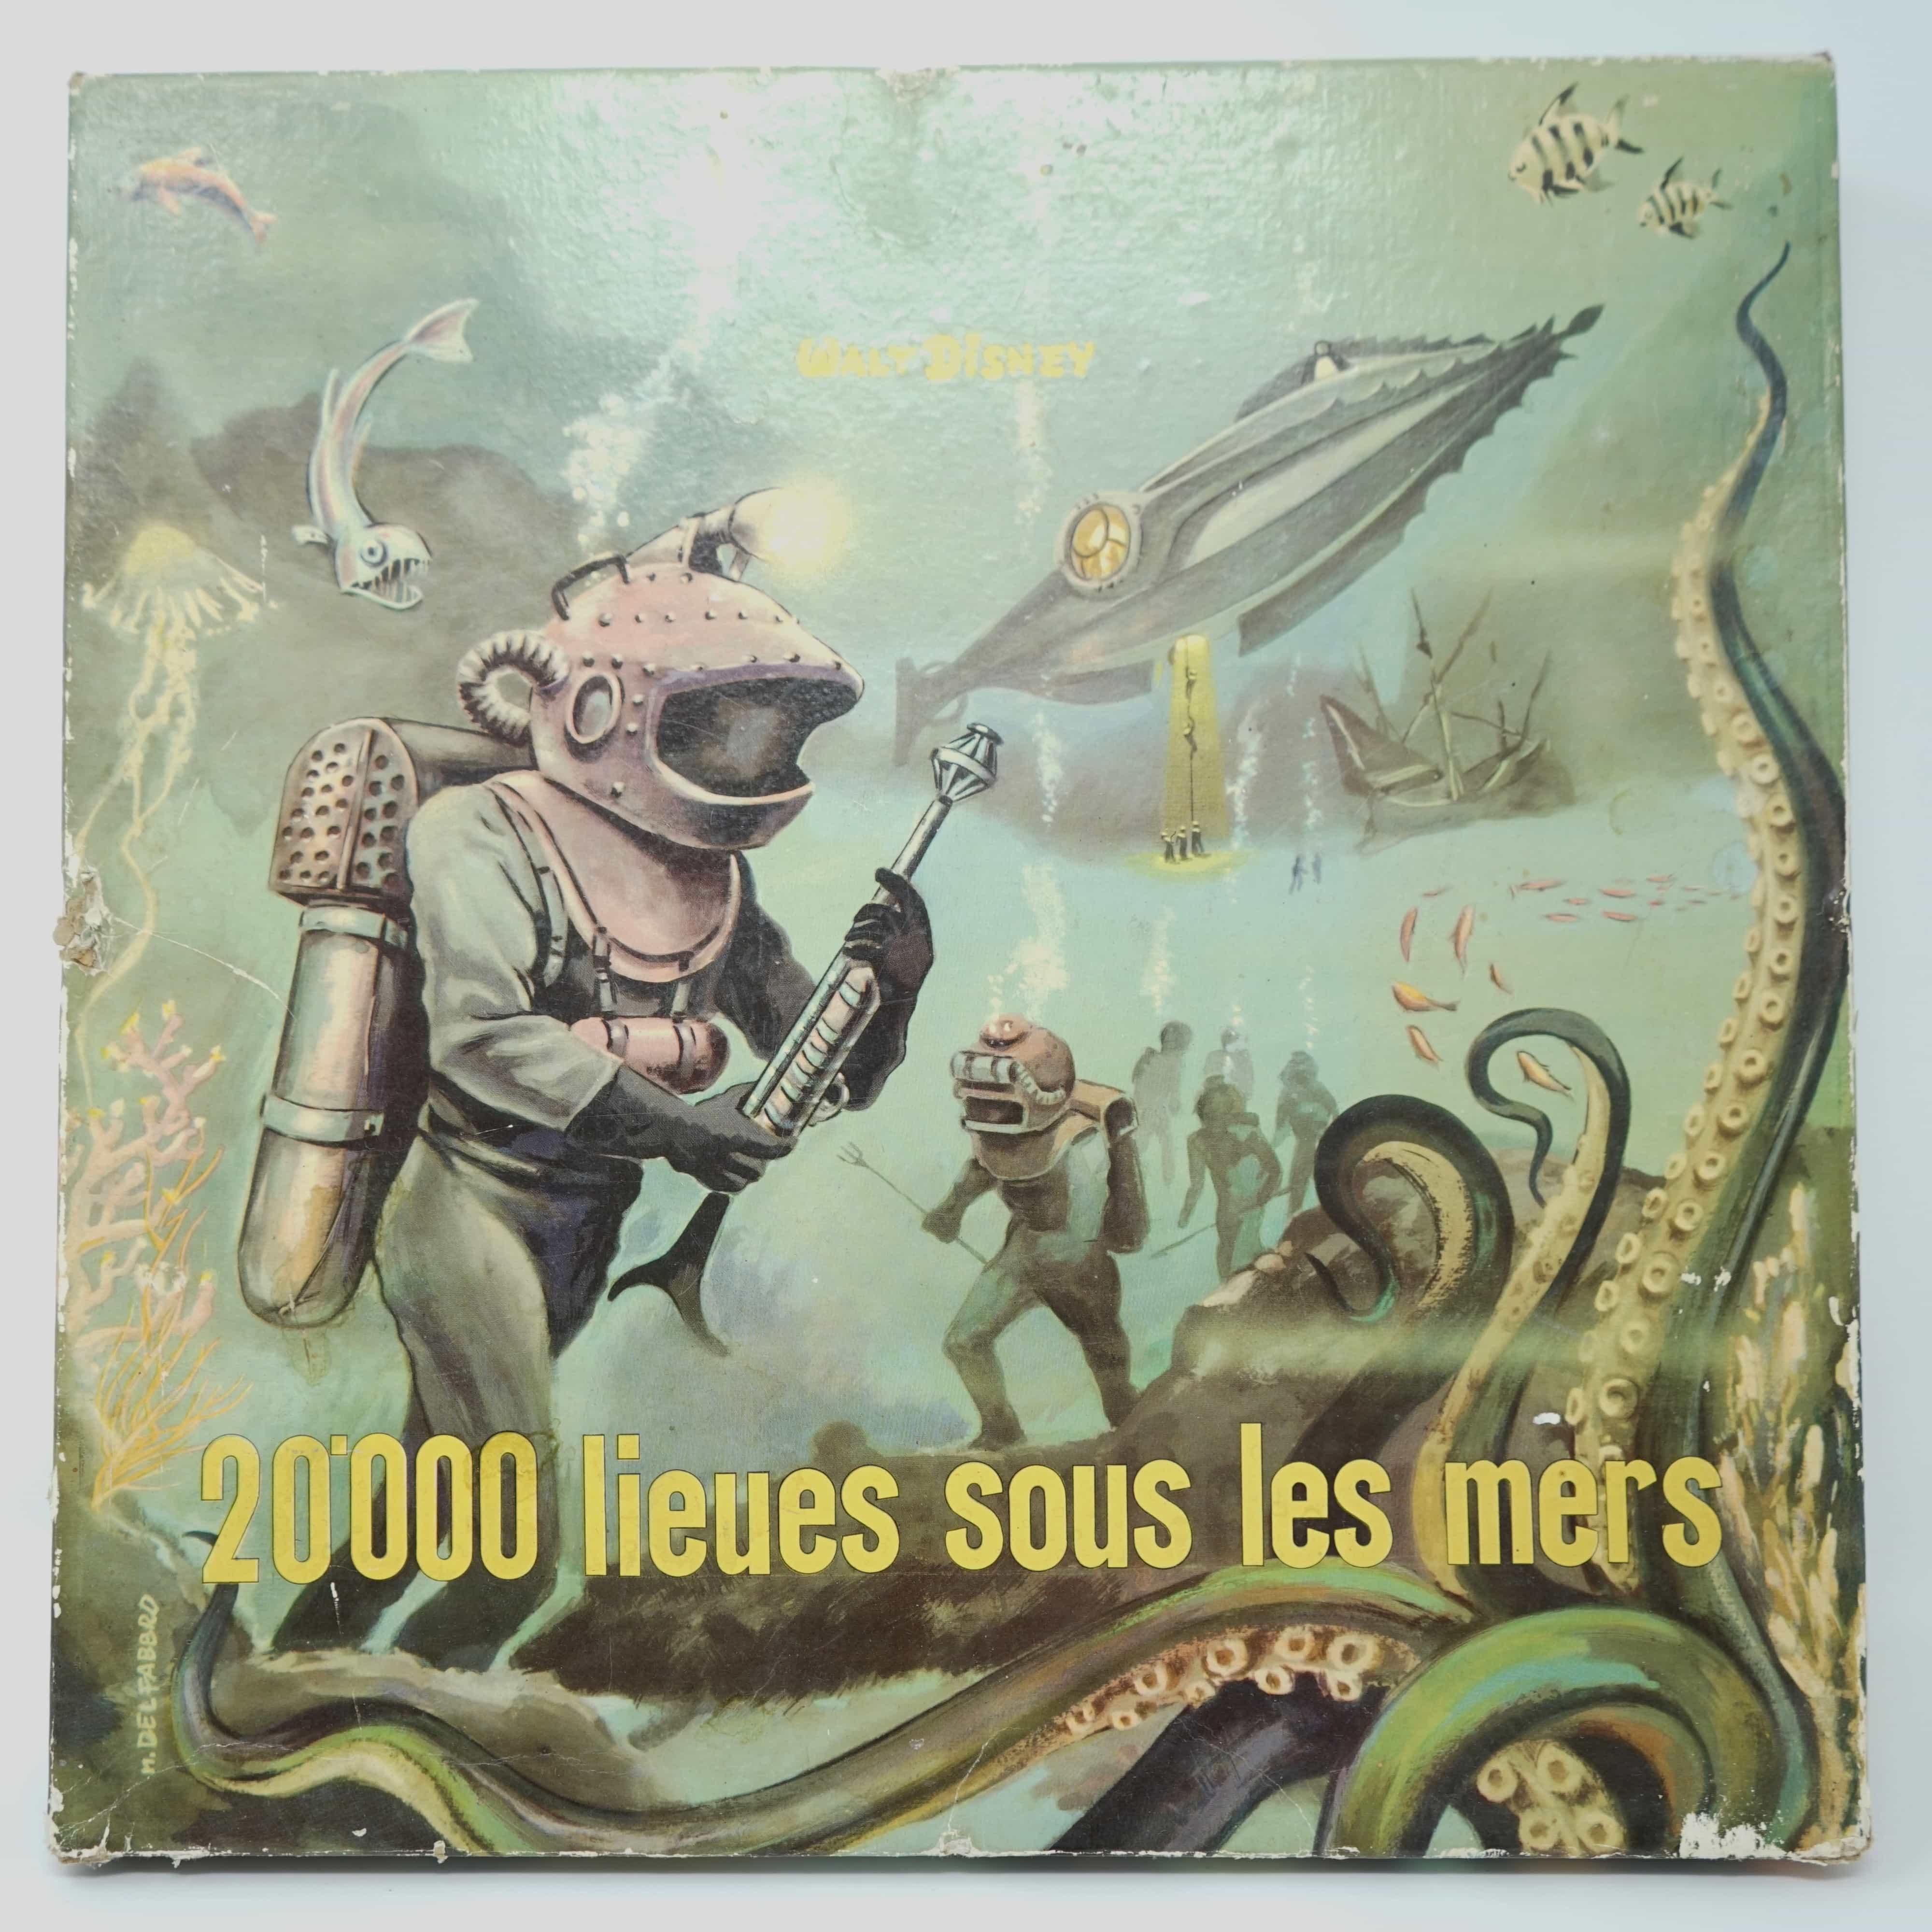 Jeu 20000 Lieues Sous les Mers